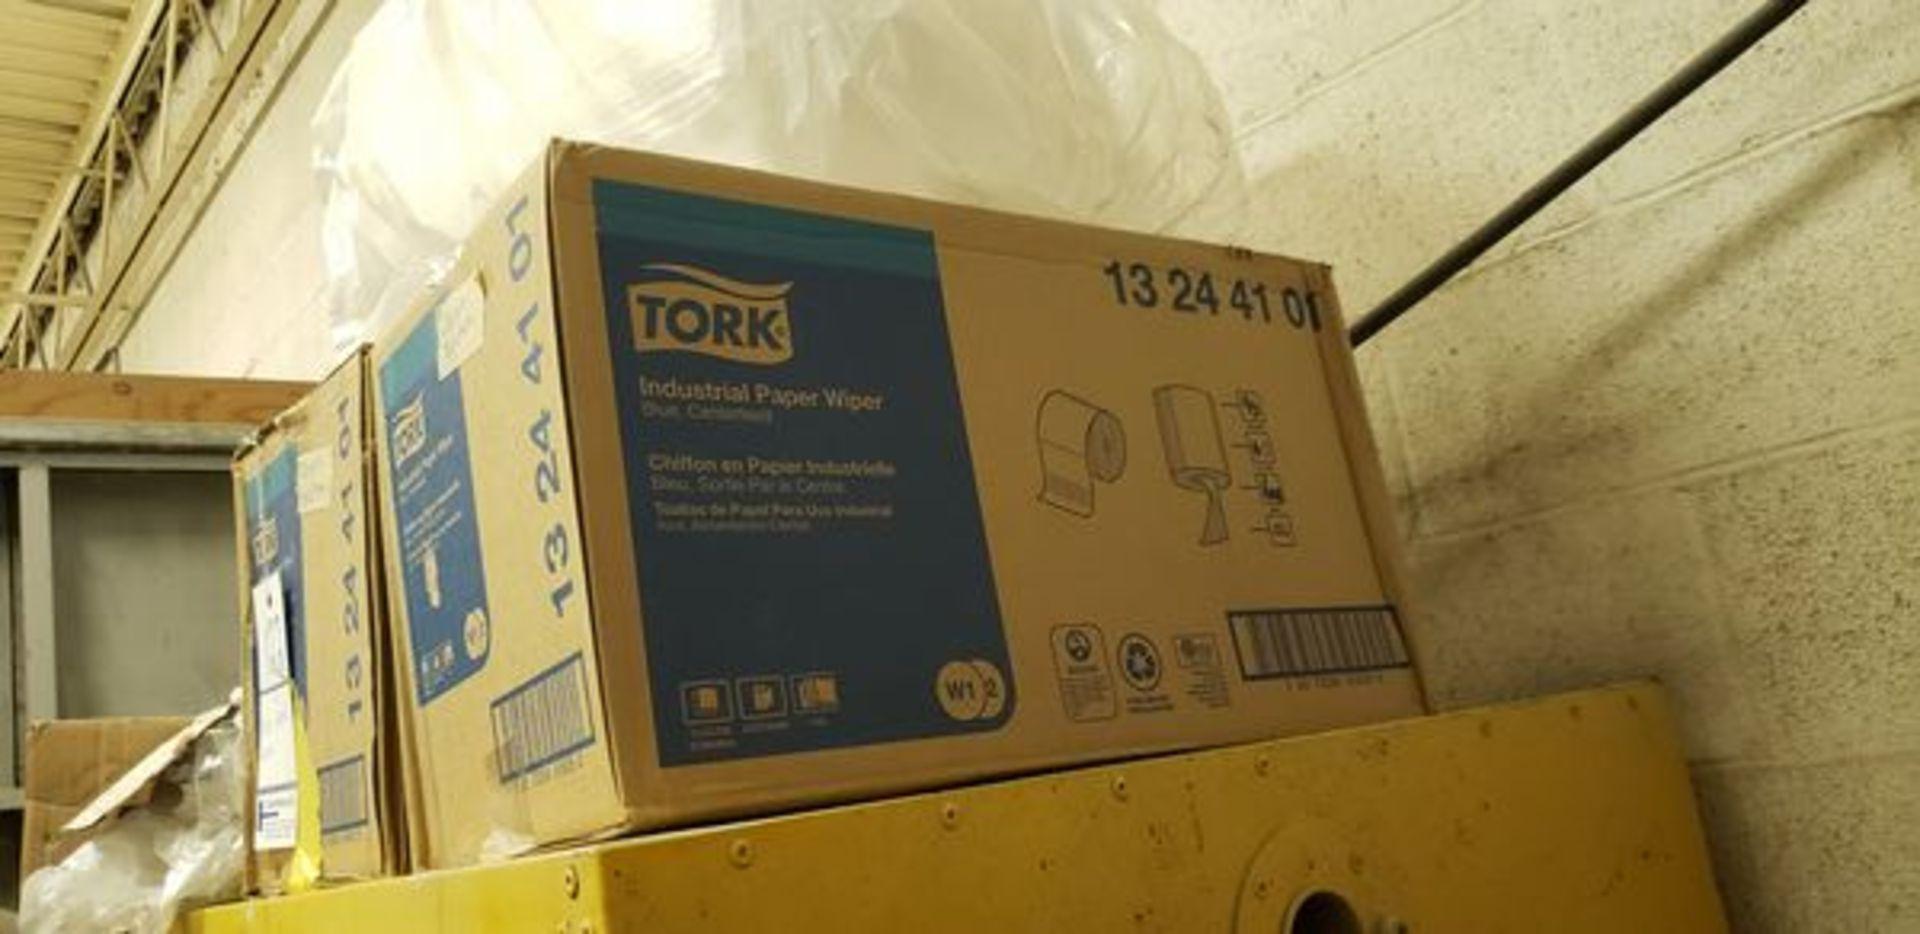 TORK PAPER TOWEL REFILLS - Image 2 of 2